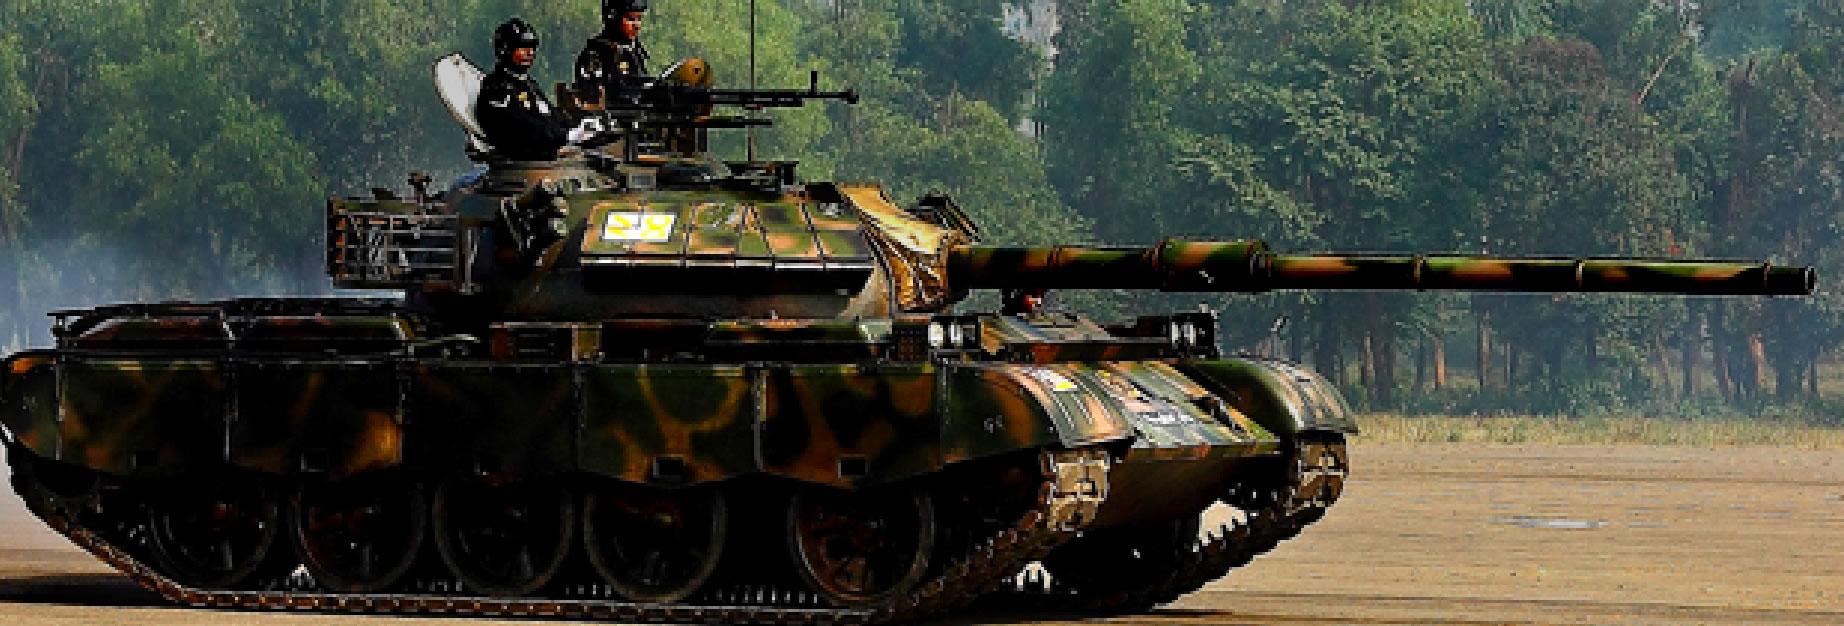 Type 69-II Upgraded with ERA